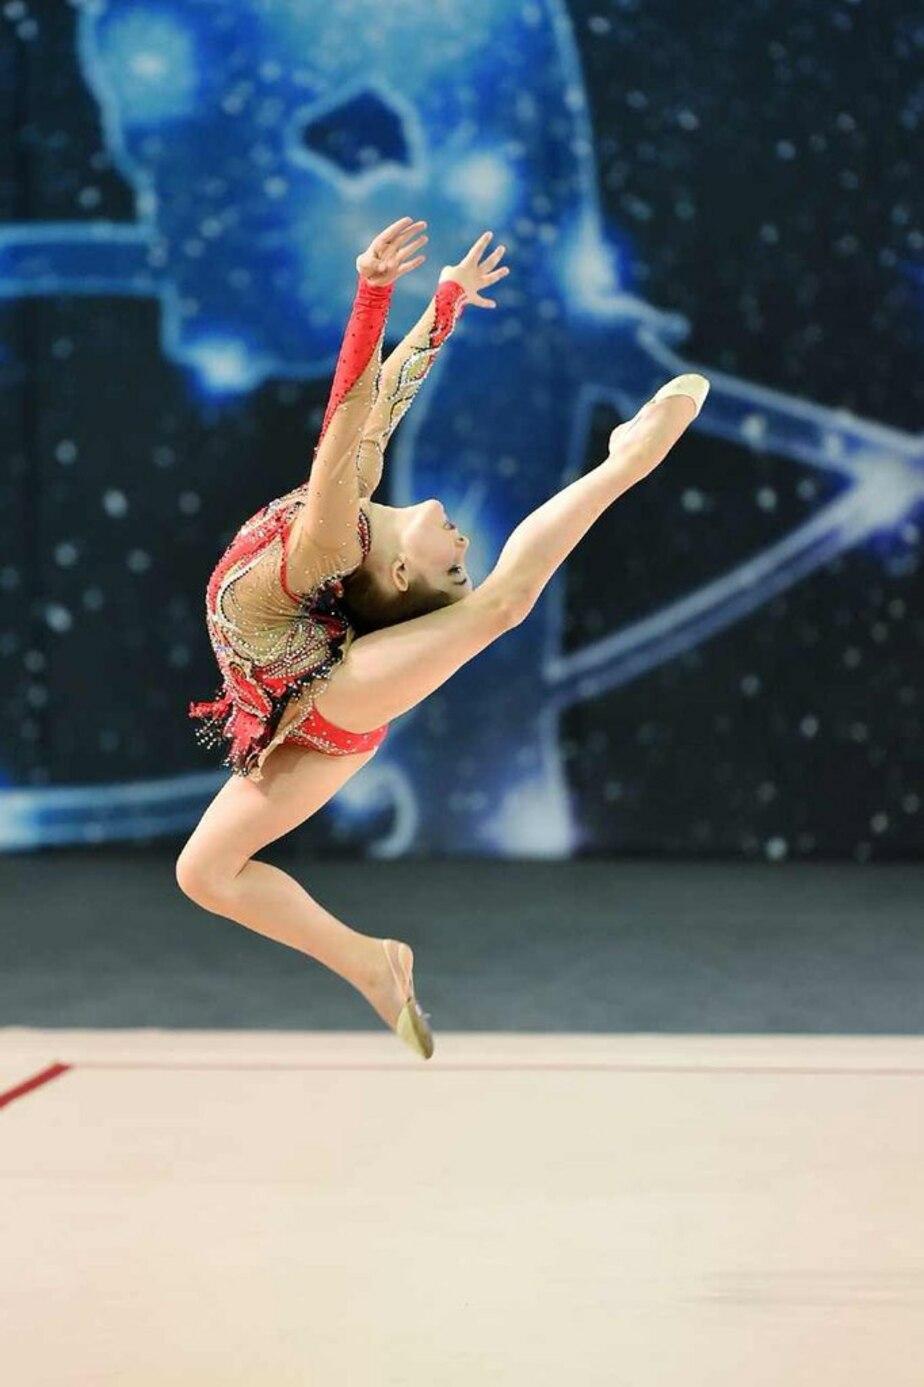 """Голосуем за Дашу: 7-летняя гимнастка из Калининграда борется за победу в конкурсе на канале """"Россия 1"""""""